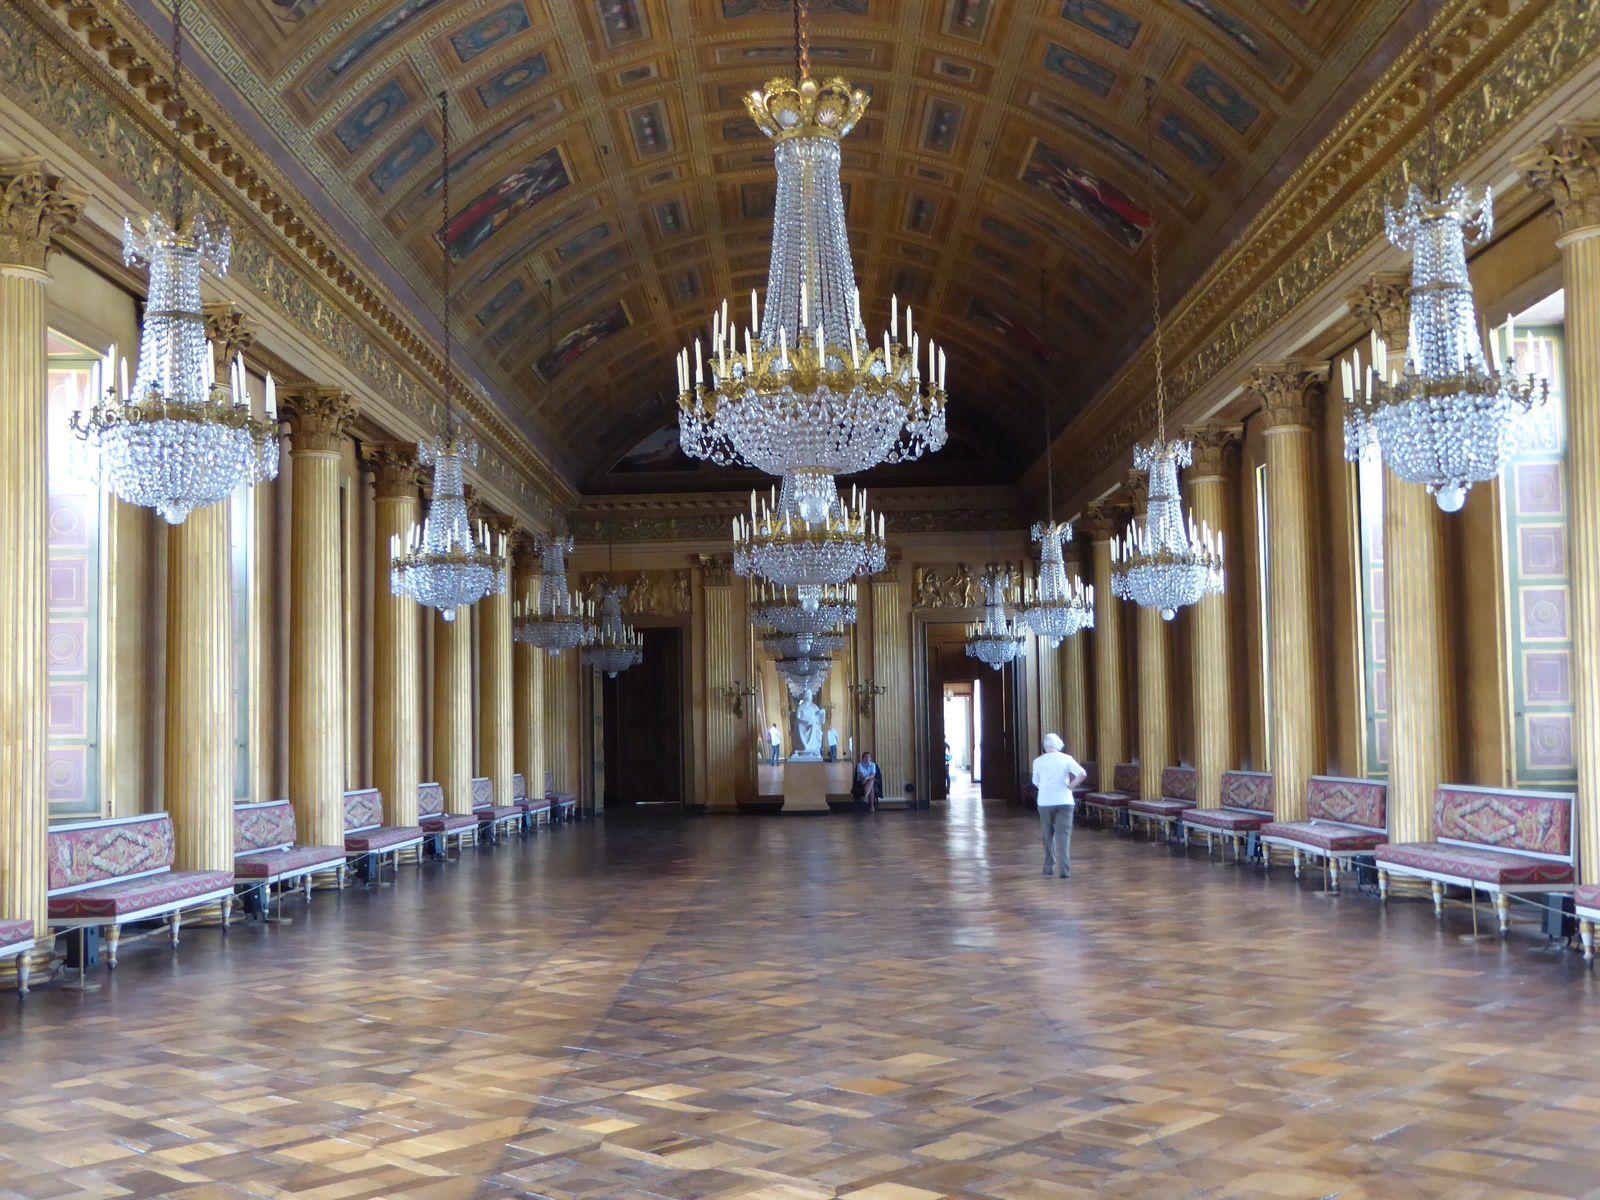 La galerie de bal - 45 mètres de long sur 13 mètres de large.